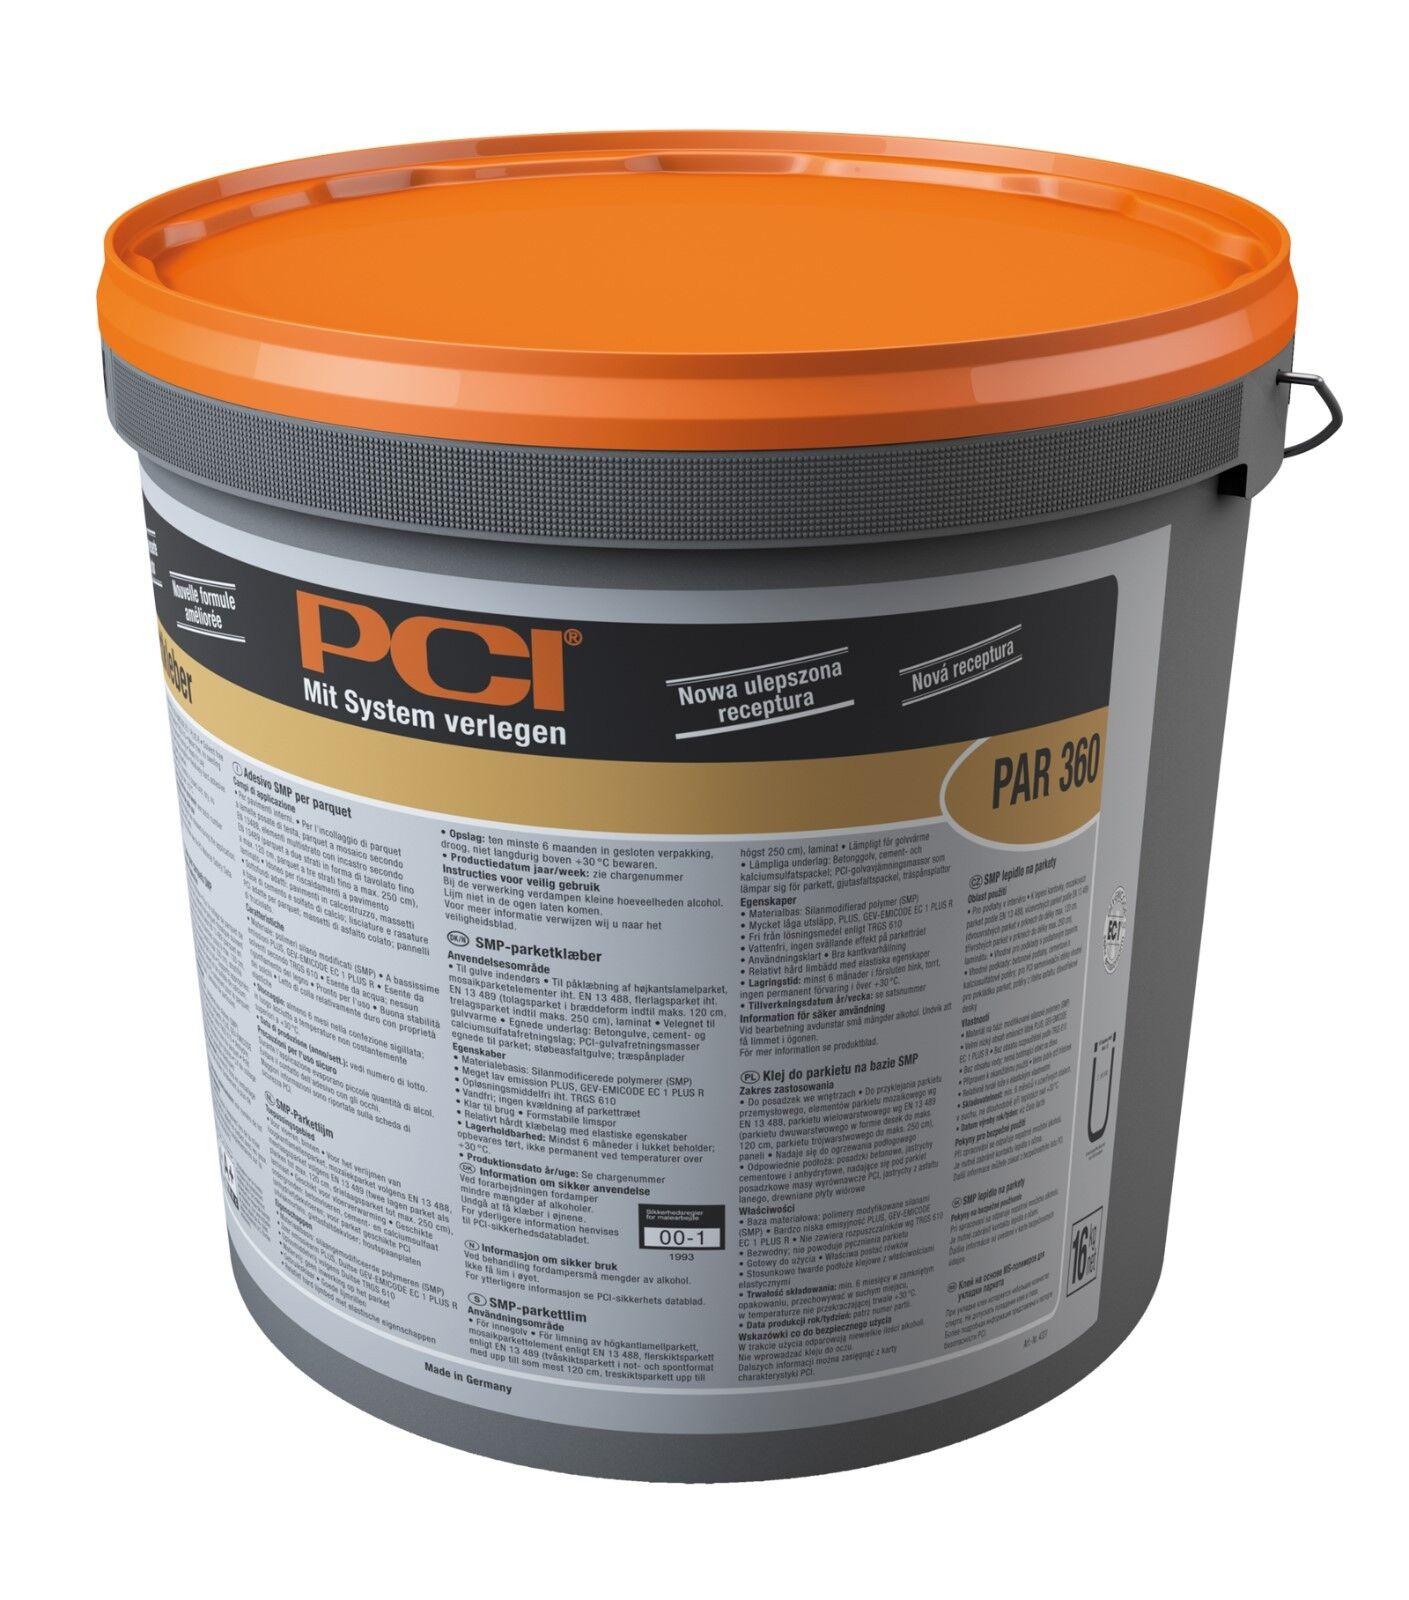 PCI Par 360 SMP-Parkettkleber 16 kg für Böden im Innenbereich Parkett Klebstoff